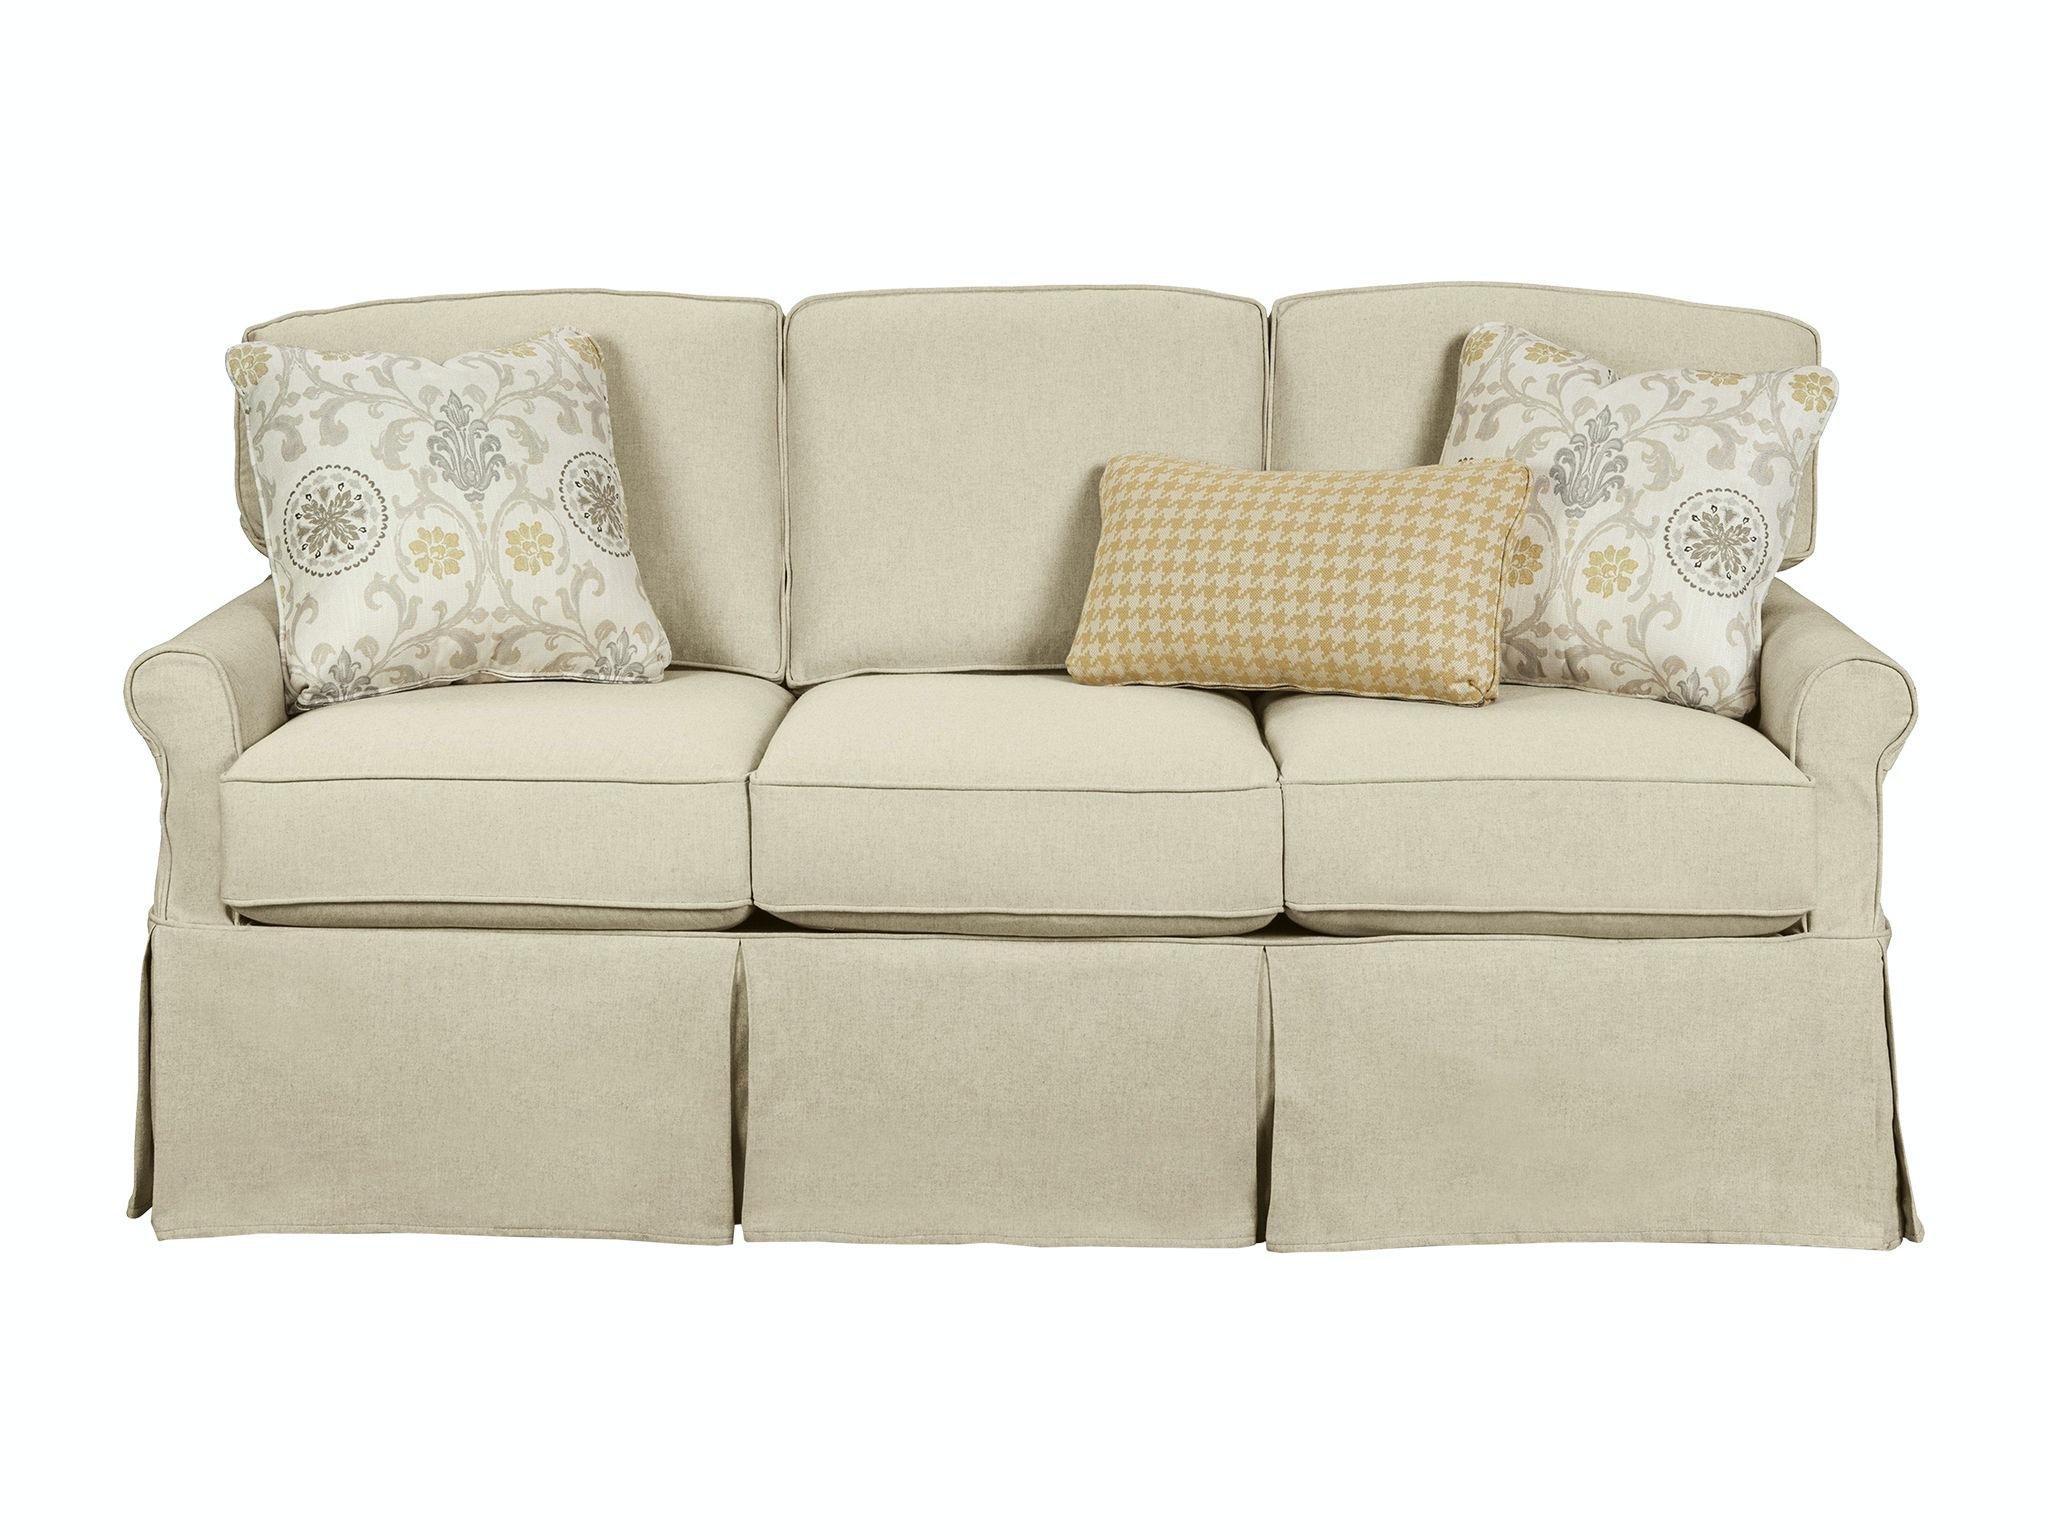 Hickorycraft Living Room Sofa 971950